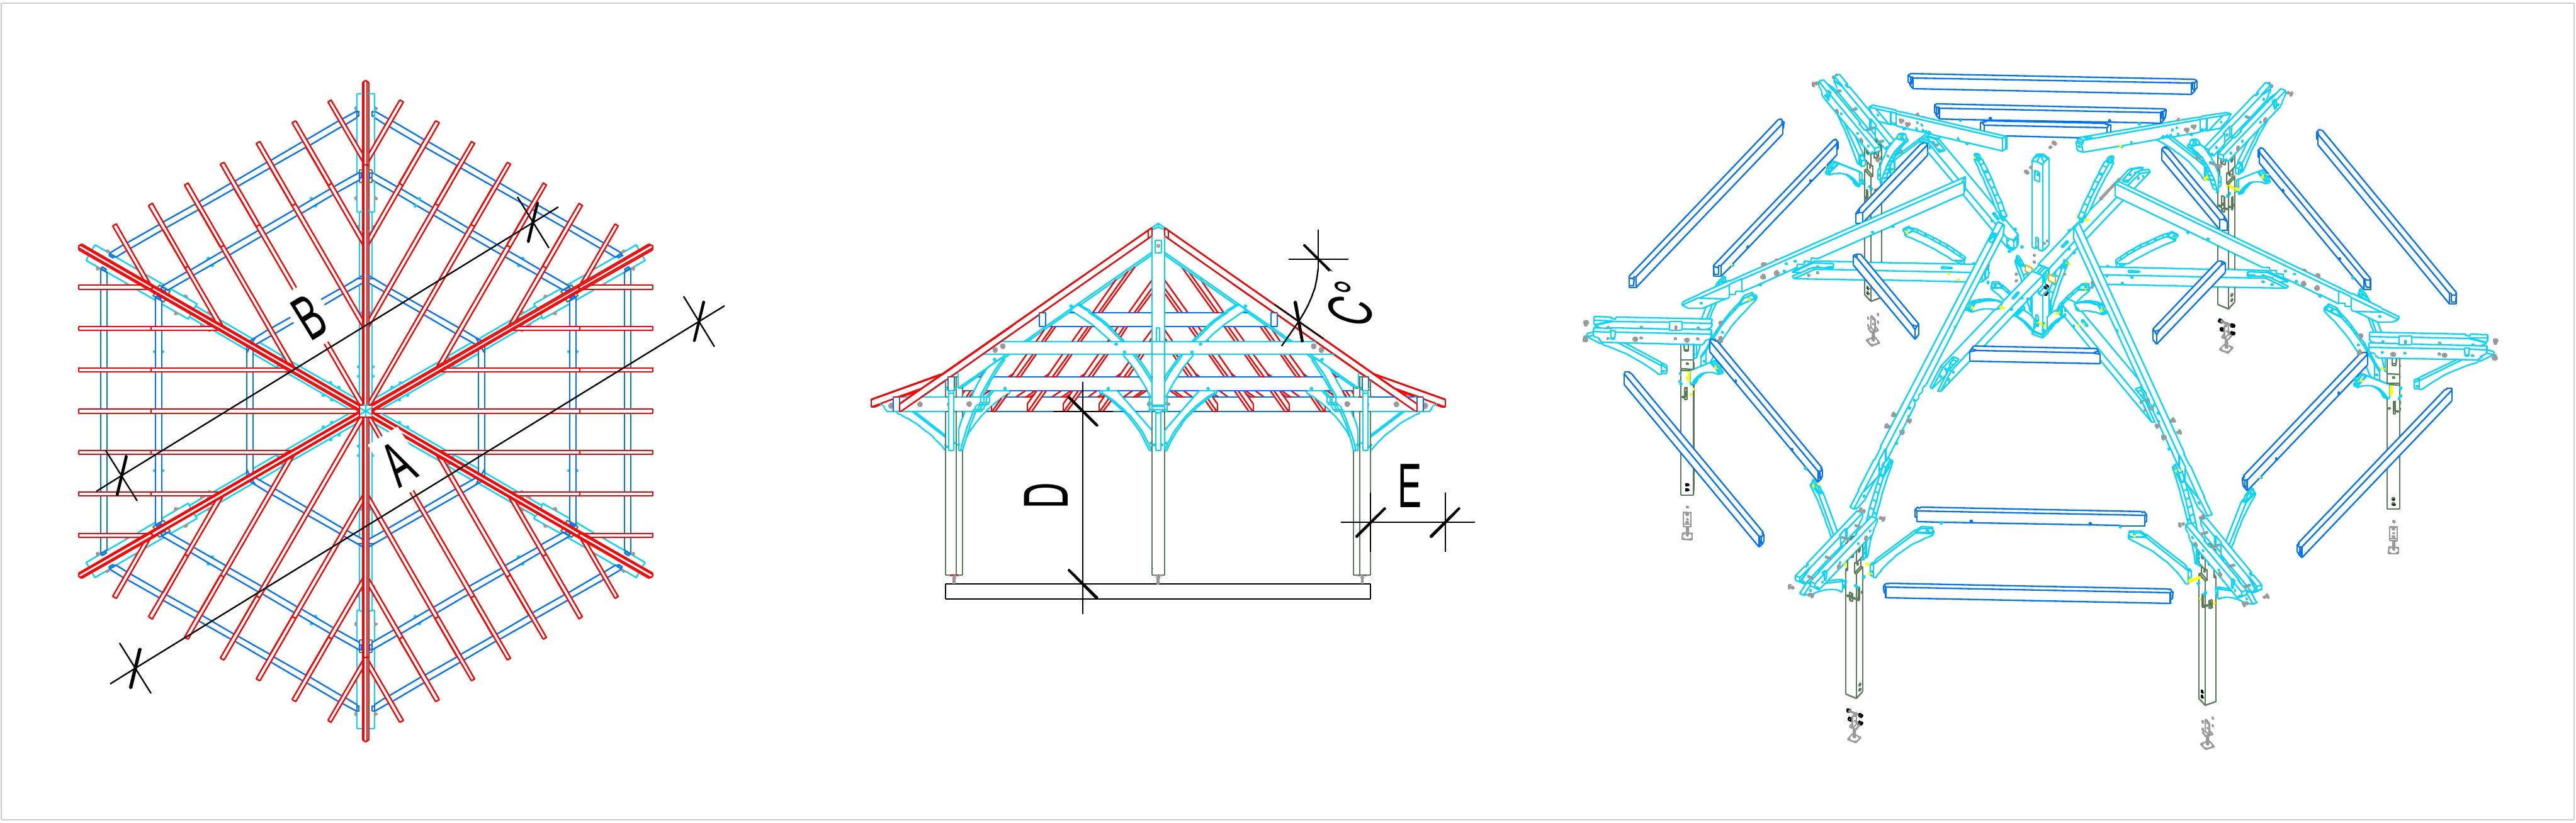 Kiosque En Bois Hexagonal kiosque bois hexagonal - kiosque jardin – martin charpentes